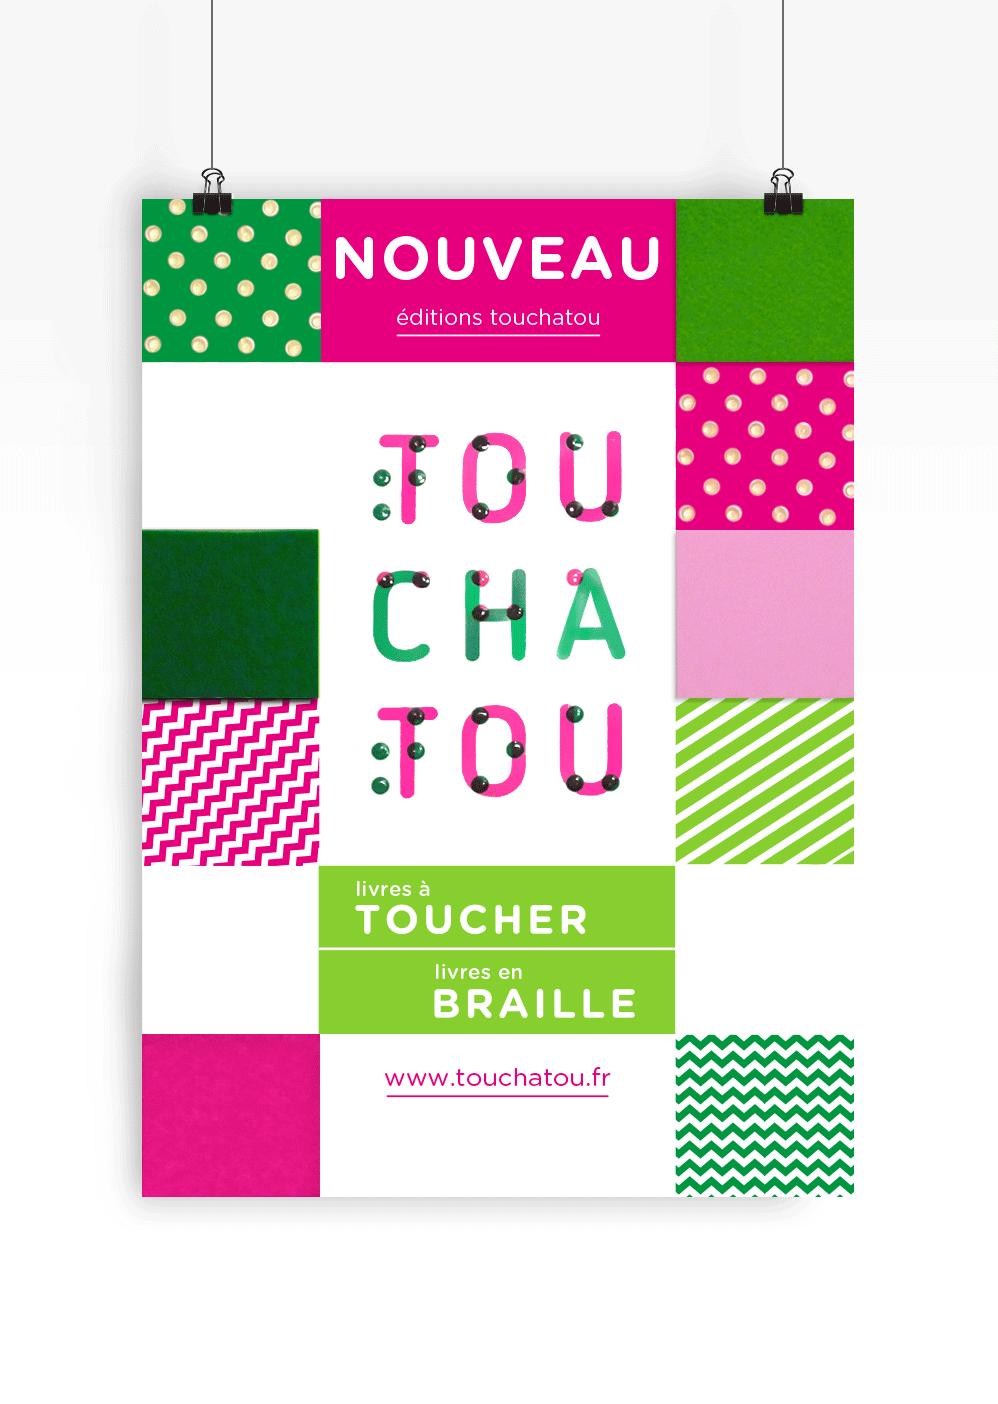 Touchatou